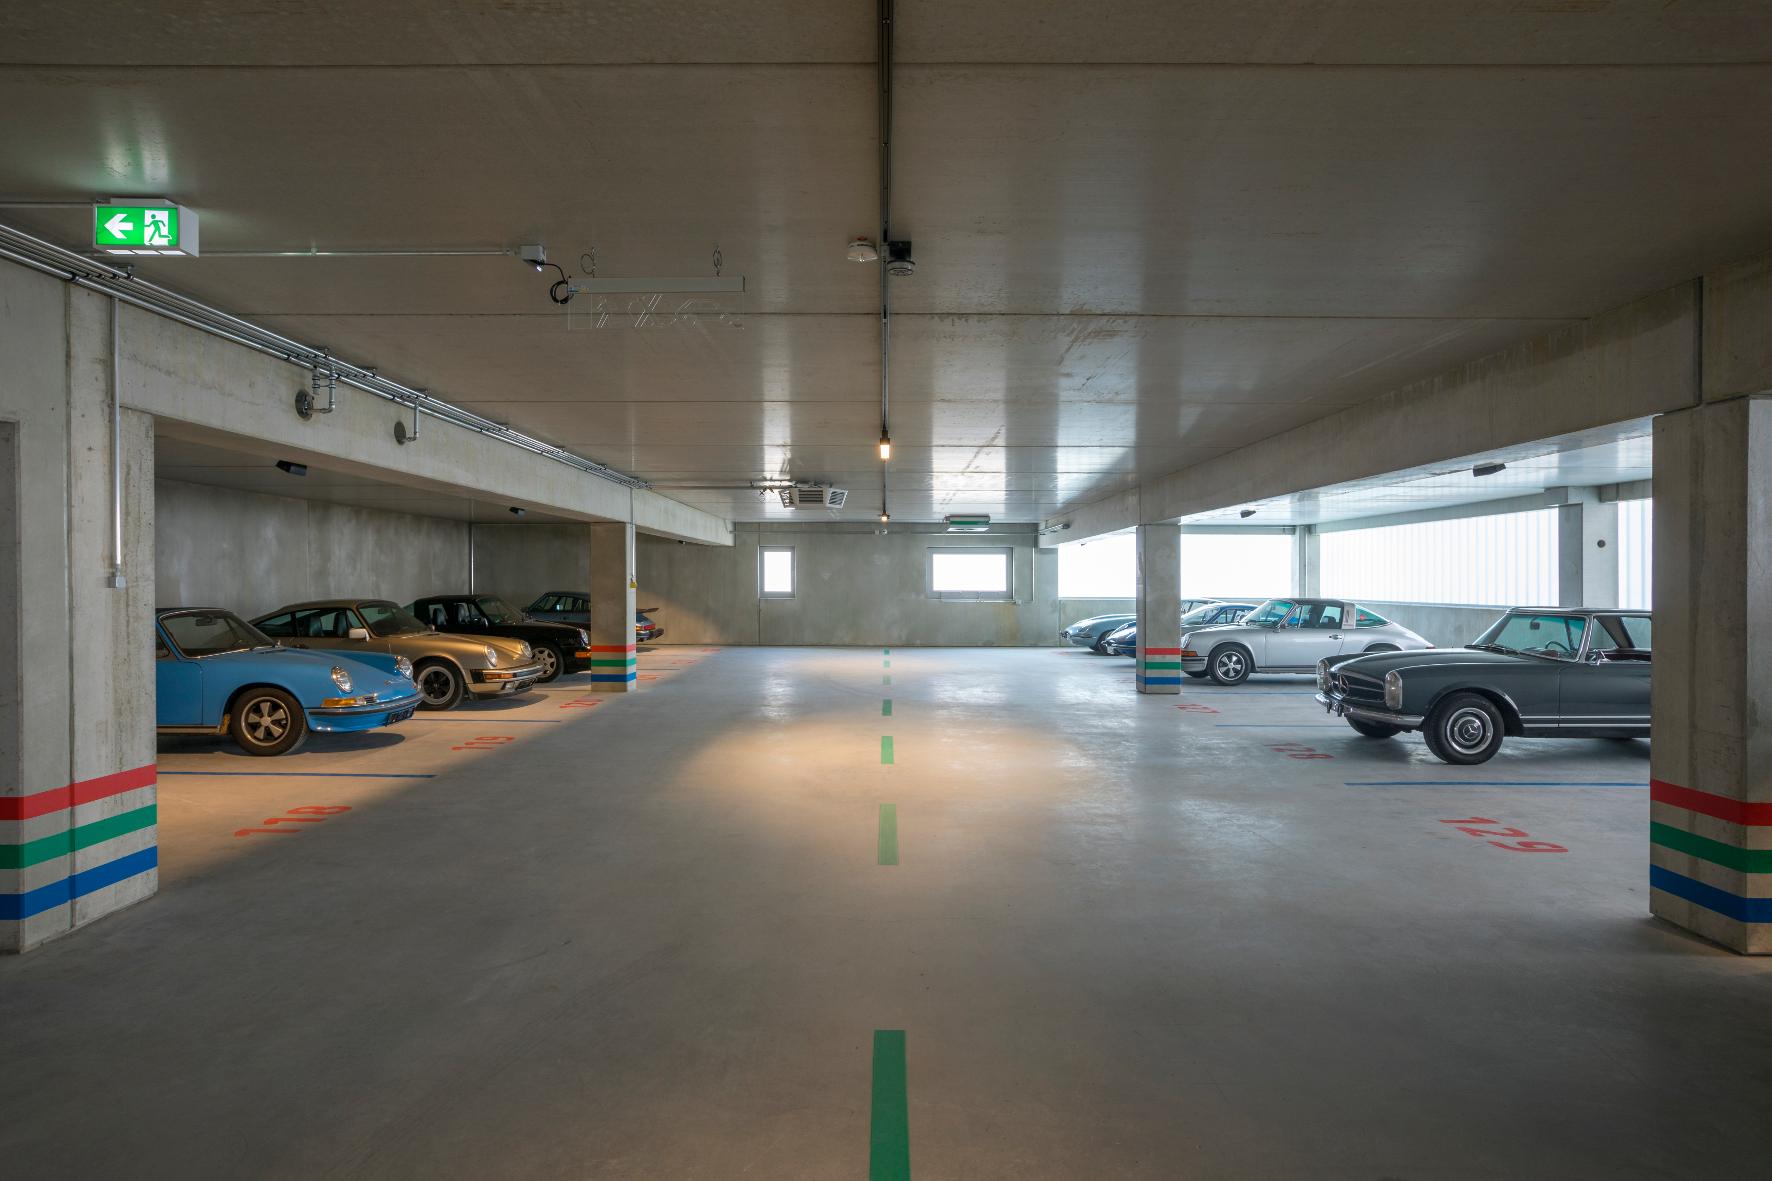 mid Groß-Gerau - Schatzkammer: Das Design-Parkhaus in Frankfurt am Main bietet automobilen Kostbarkeiten ein neues Zuhause. Eastgarage